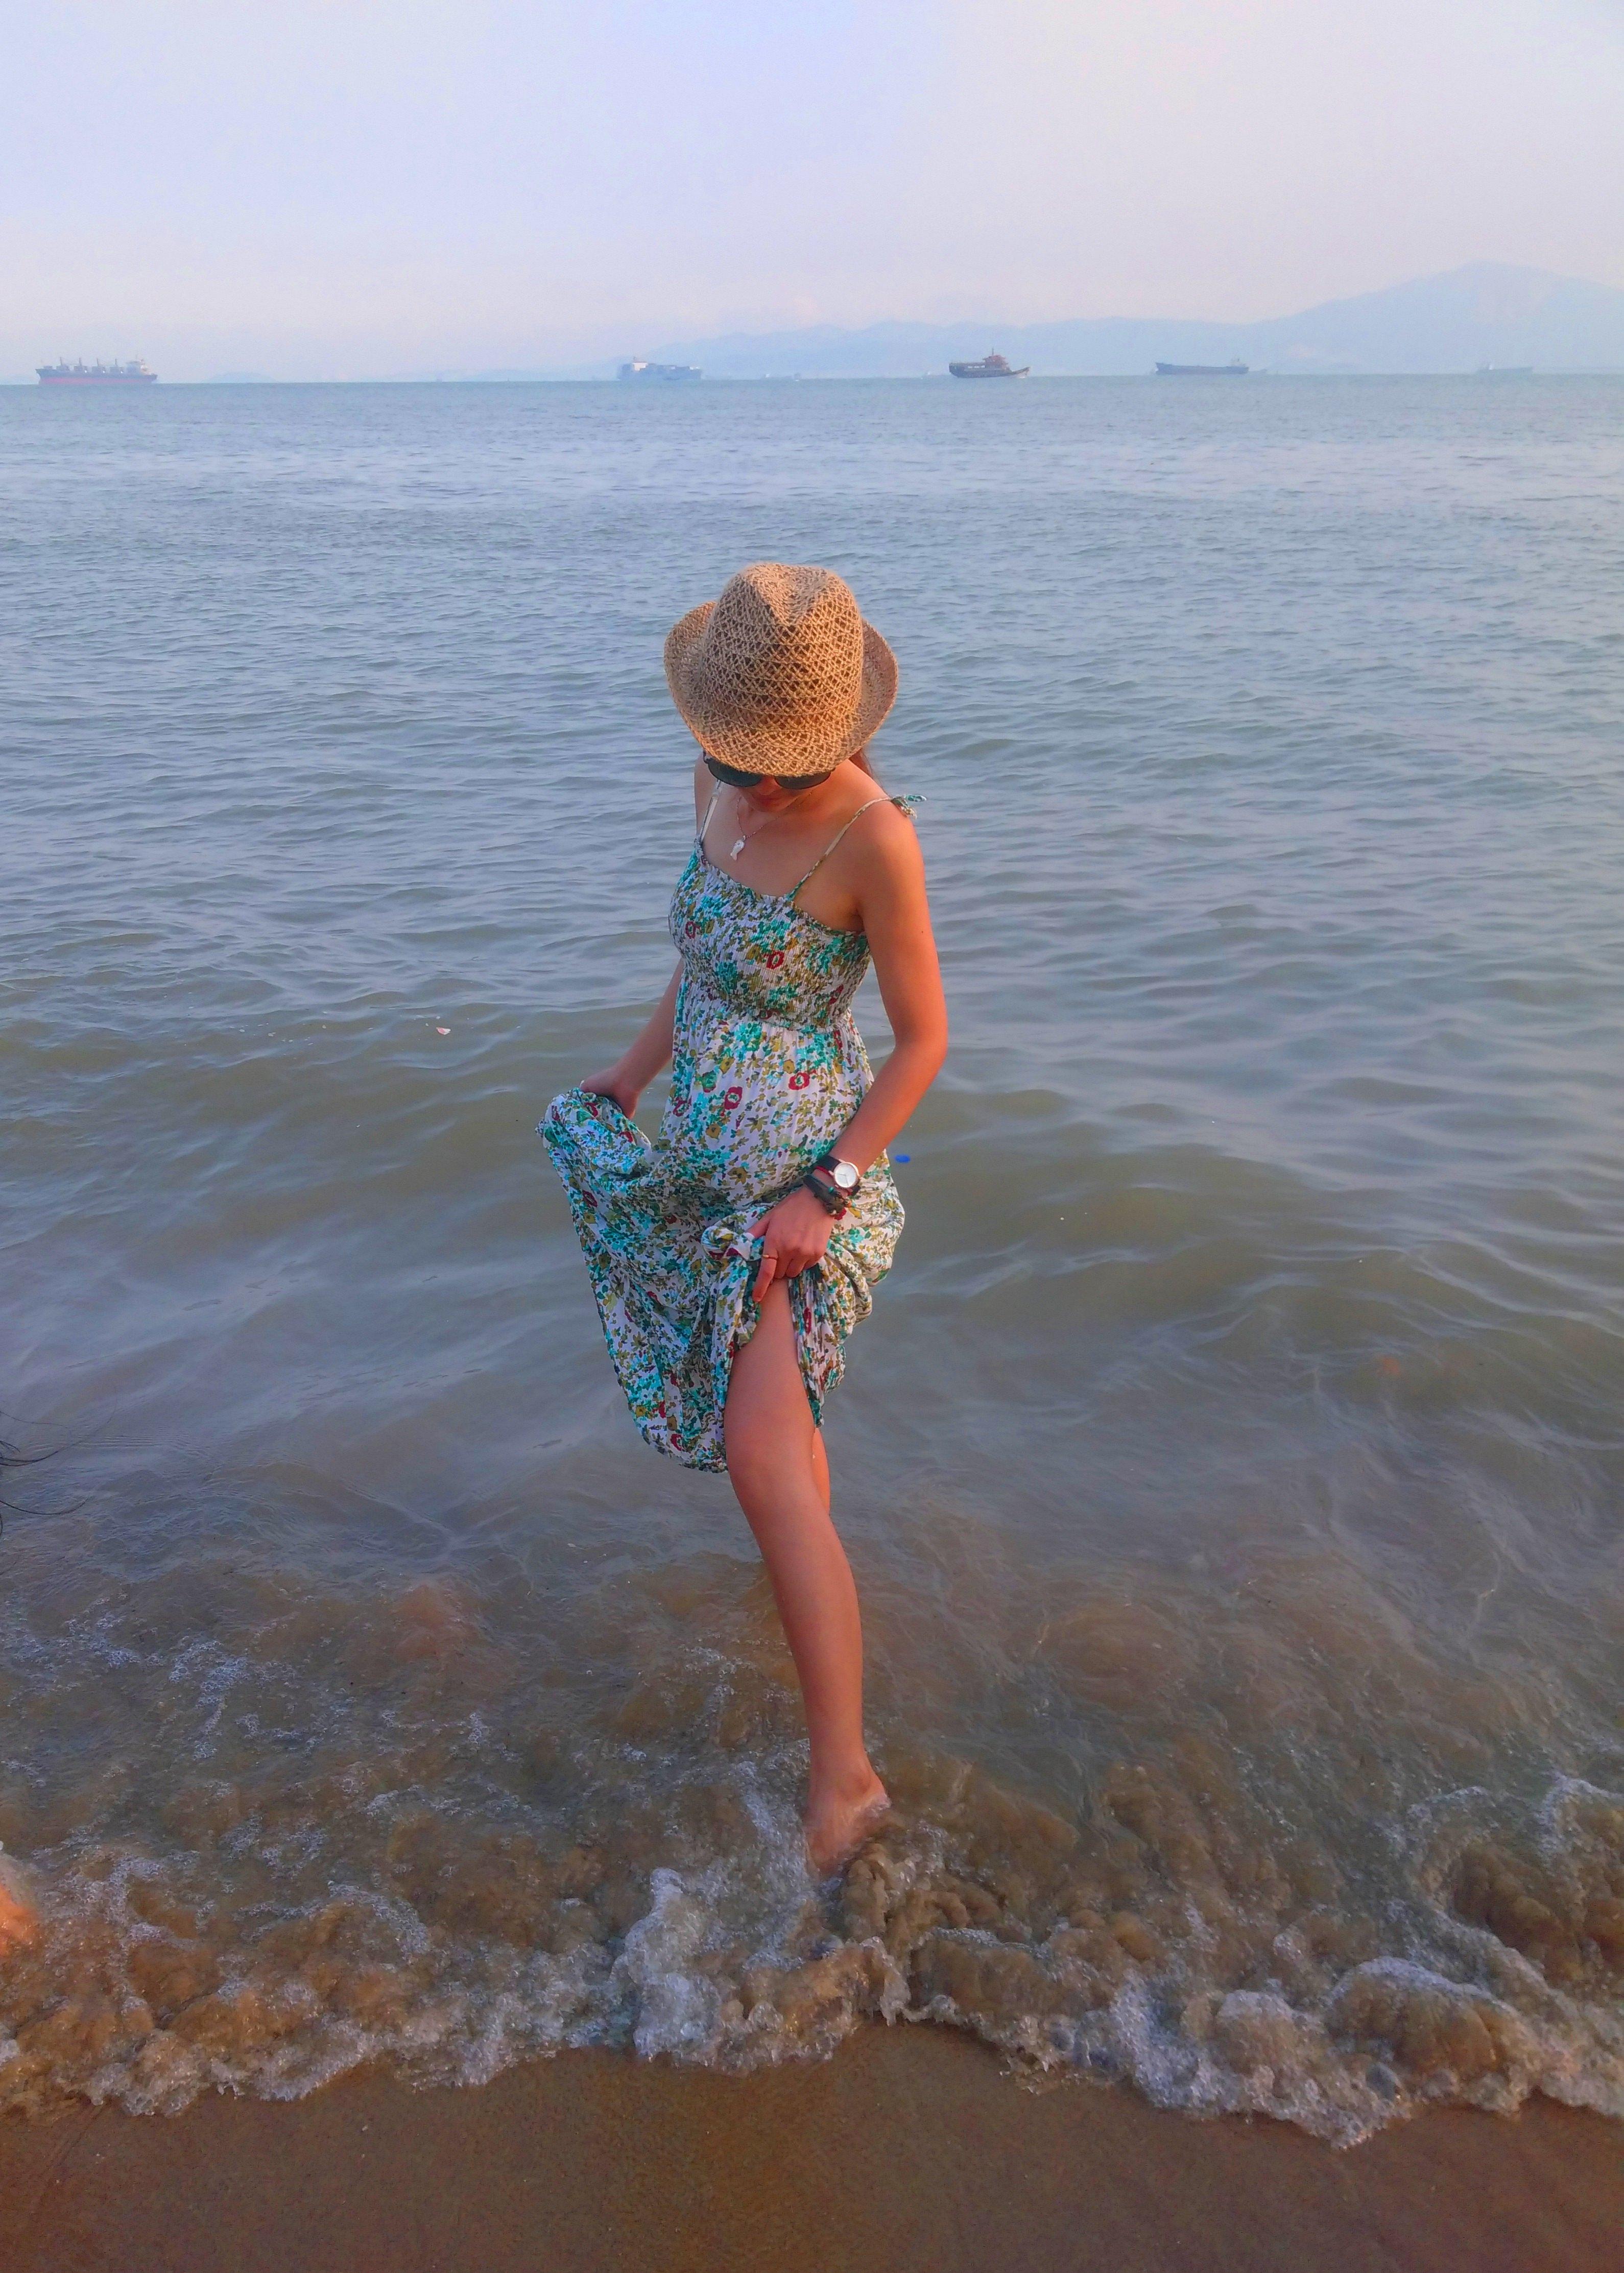 手机壁纸大海 沙滩